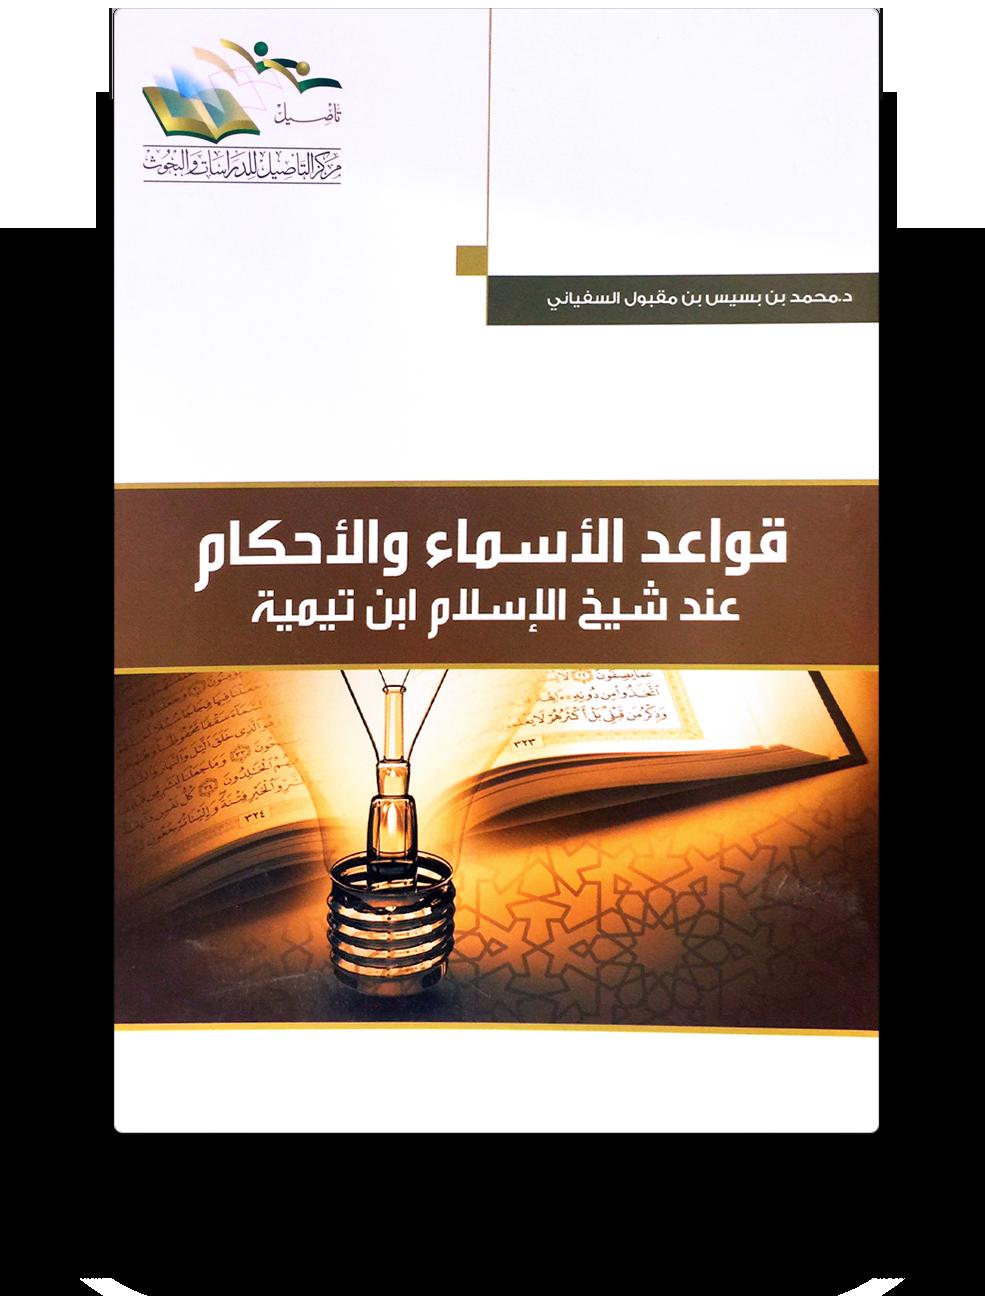 قواعد الأسماء والأحكام عند شيخ الإسلام ابن تيمية